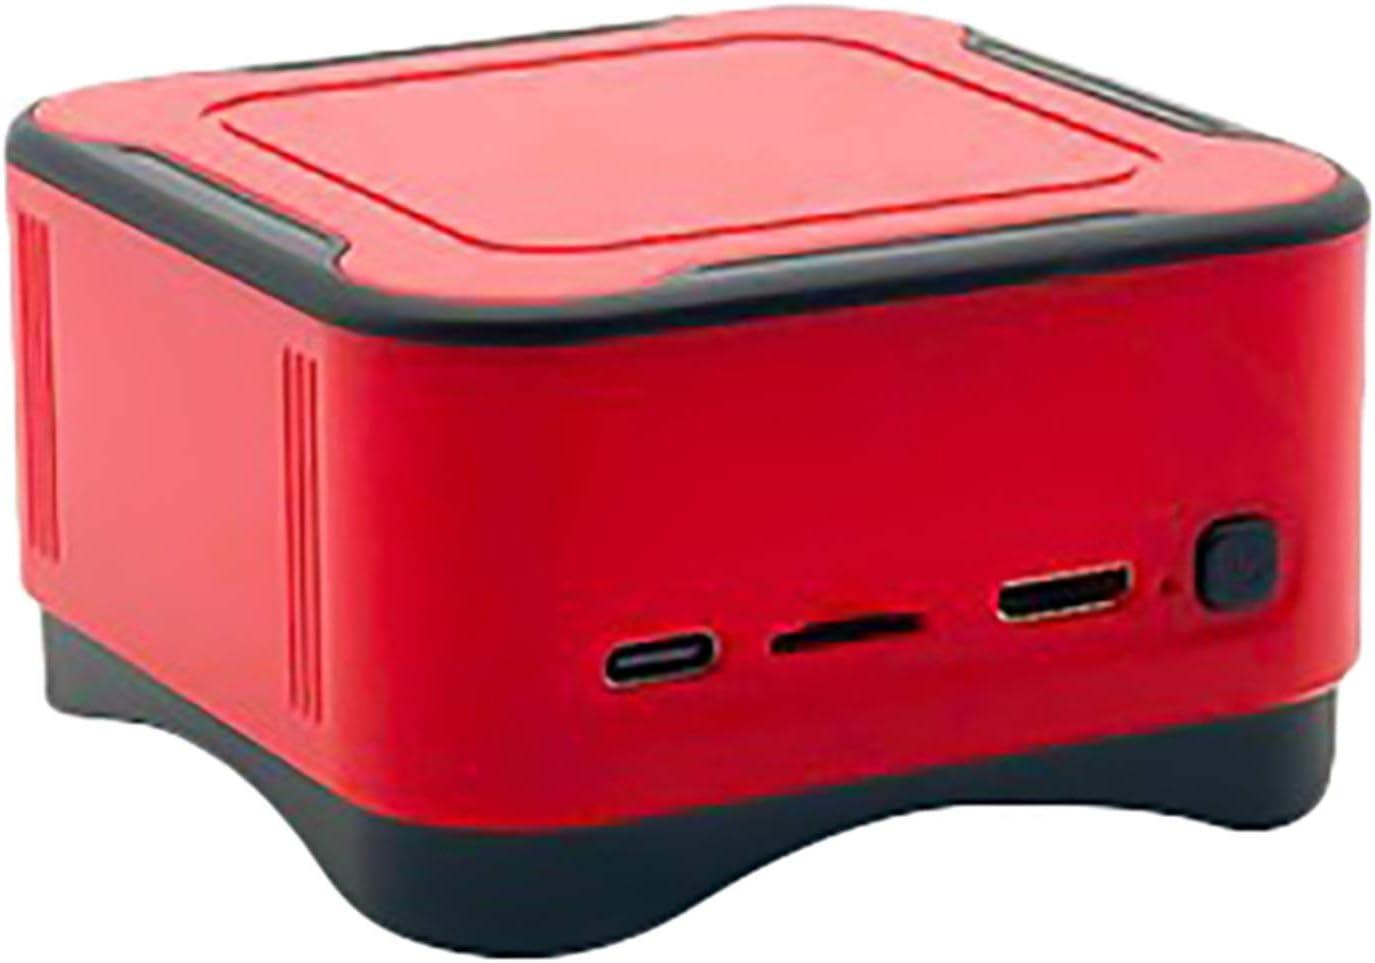 LUULYGO Mini Retro Game Console PS1 Challenge the lowest price San Antonio Mall Arcade 4K FC HD